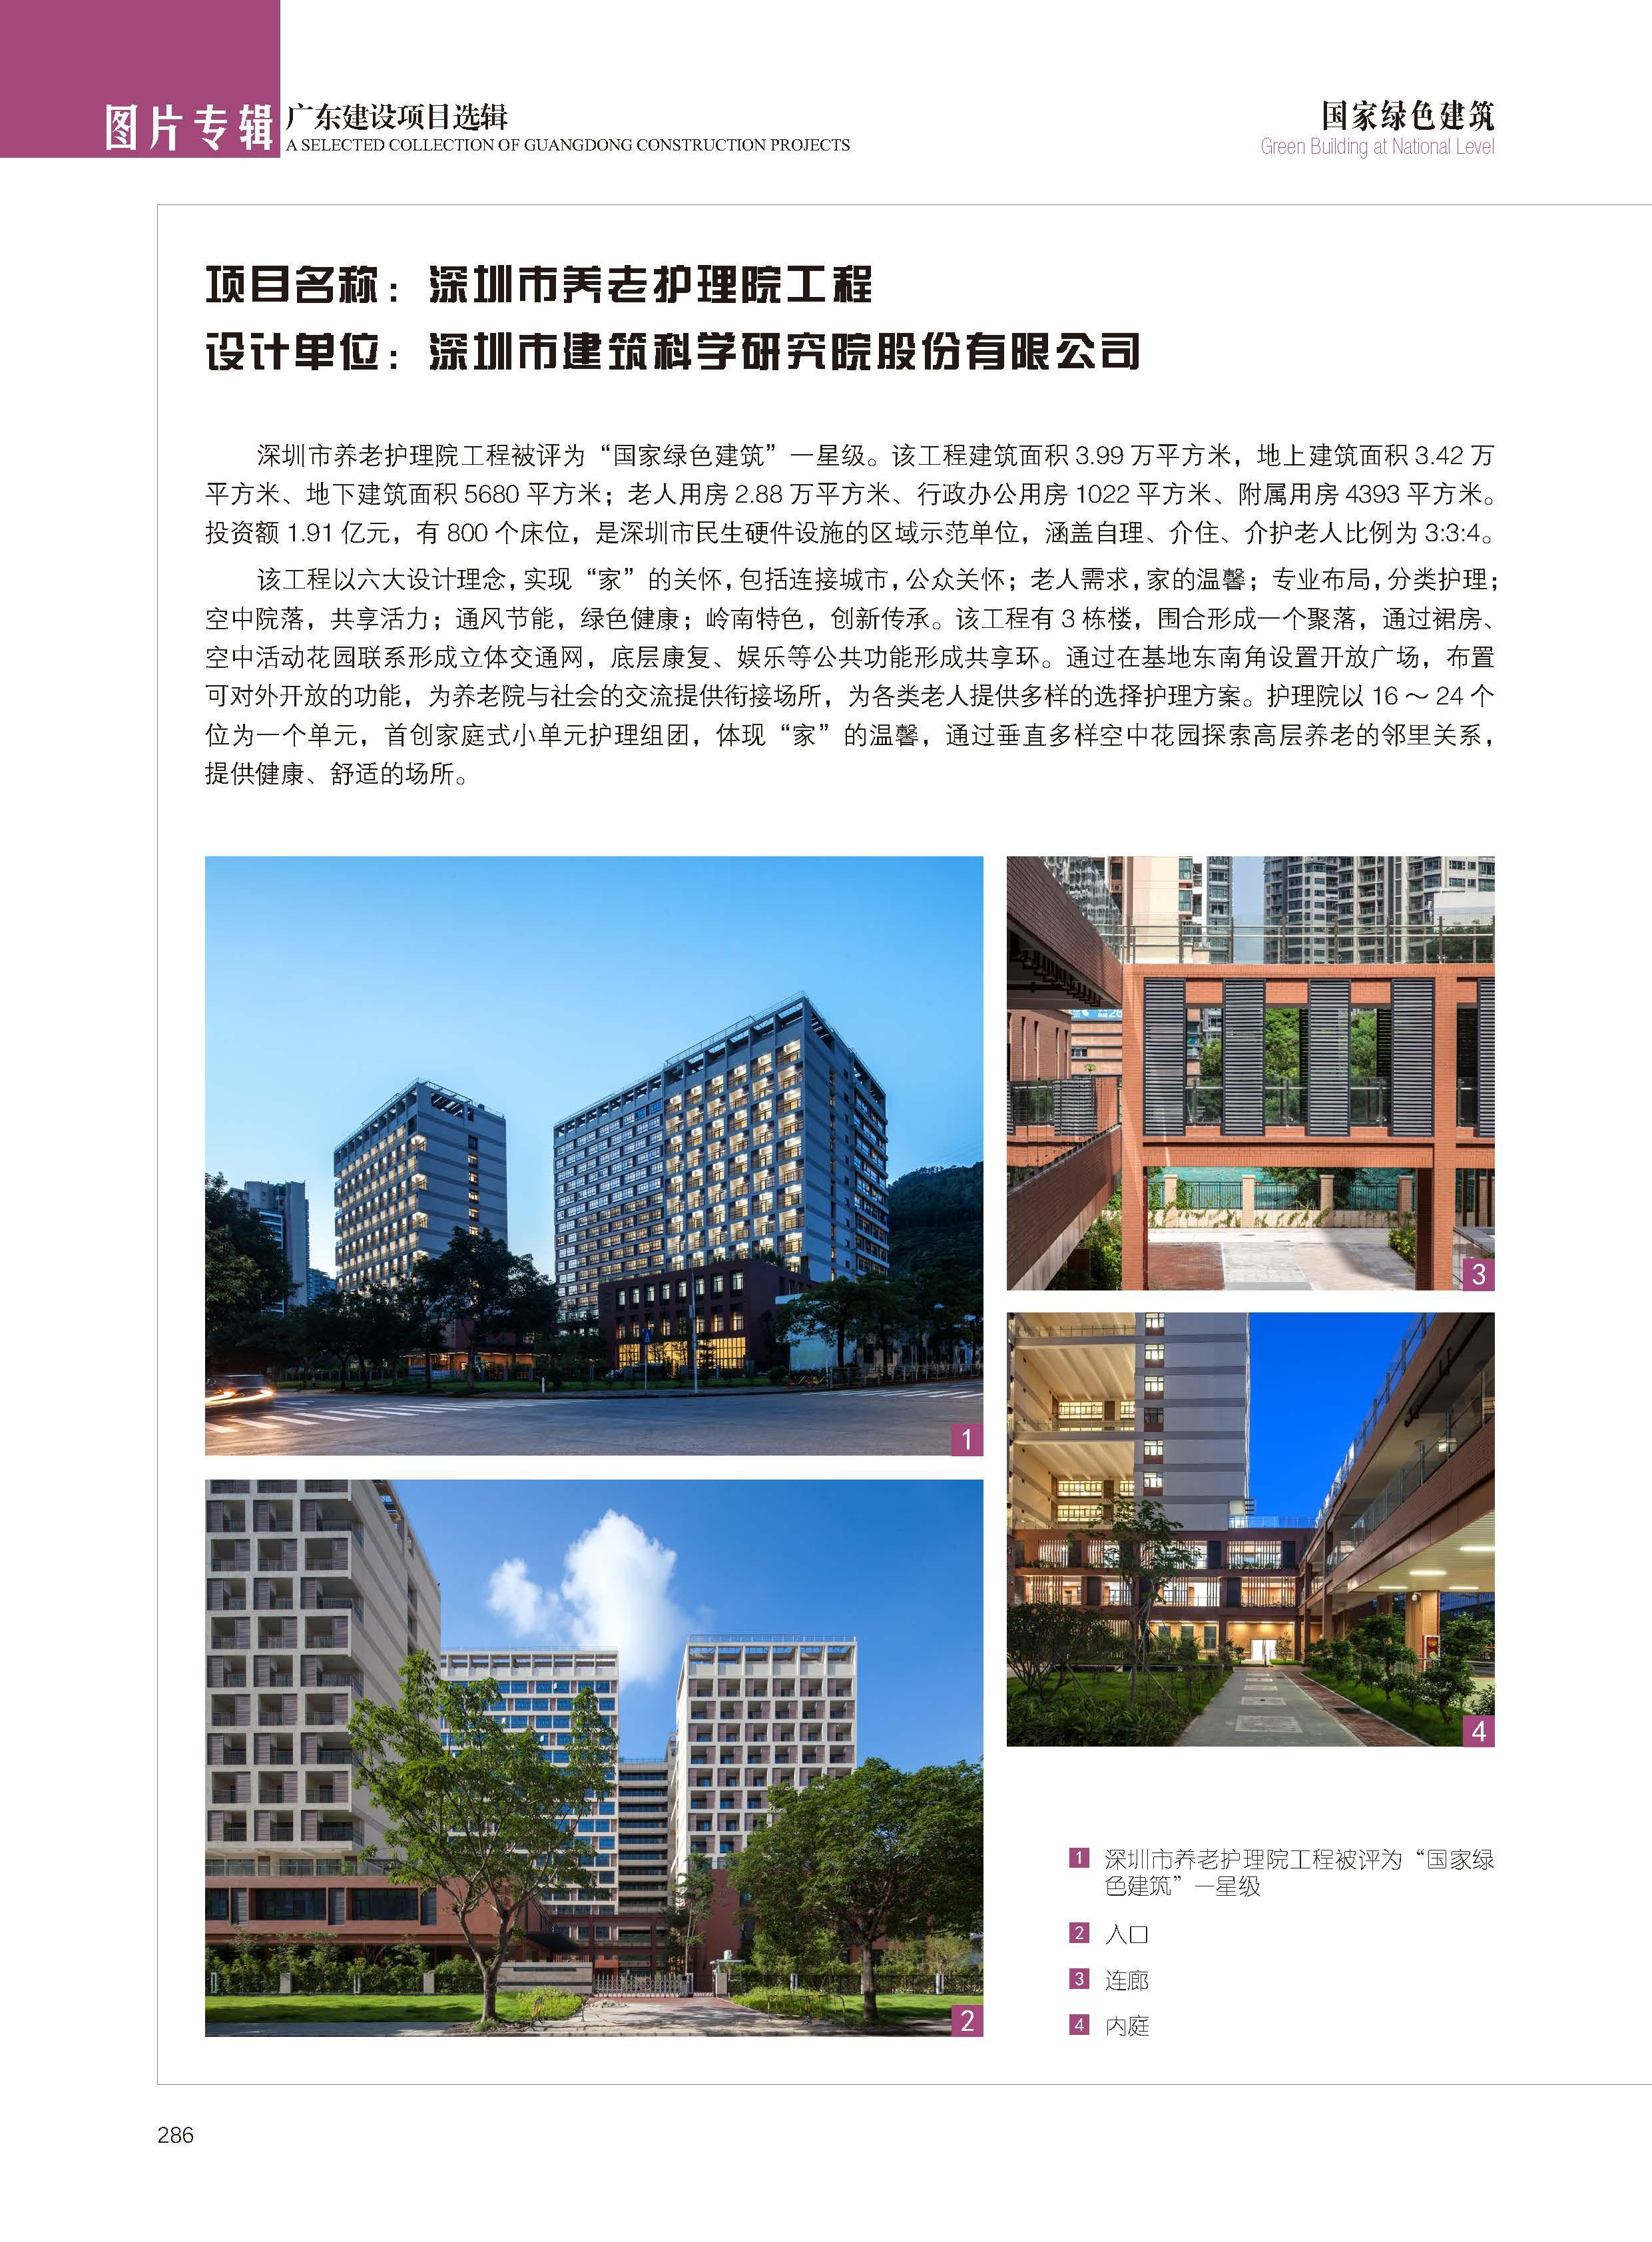 深圳市养老护理院工程.jpg